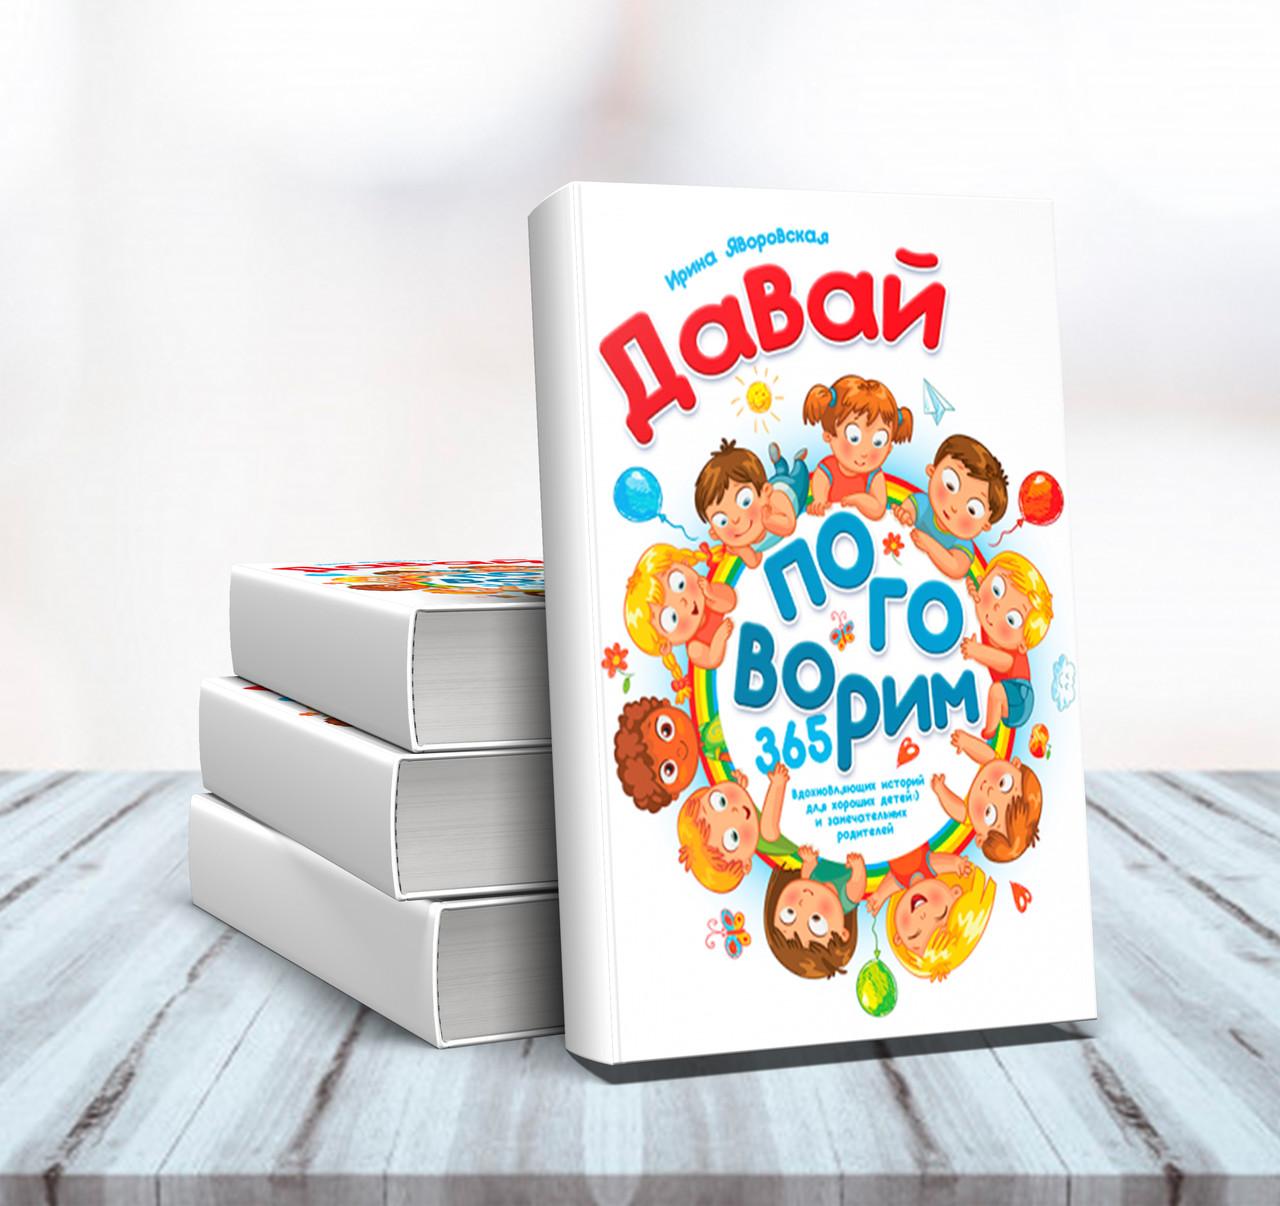 """""""Давай поговорим. 365 вдохновляющих историй для хороших детей и замечательных родителей"""" Ирина Яворская"""